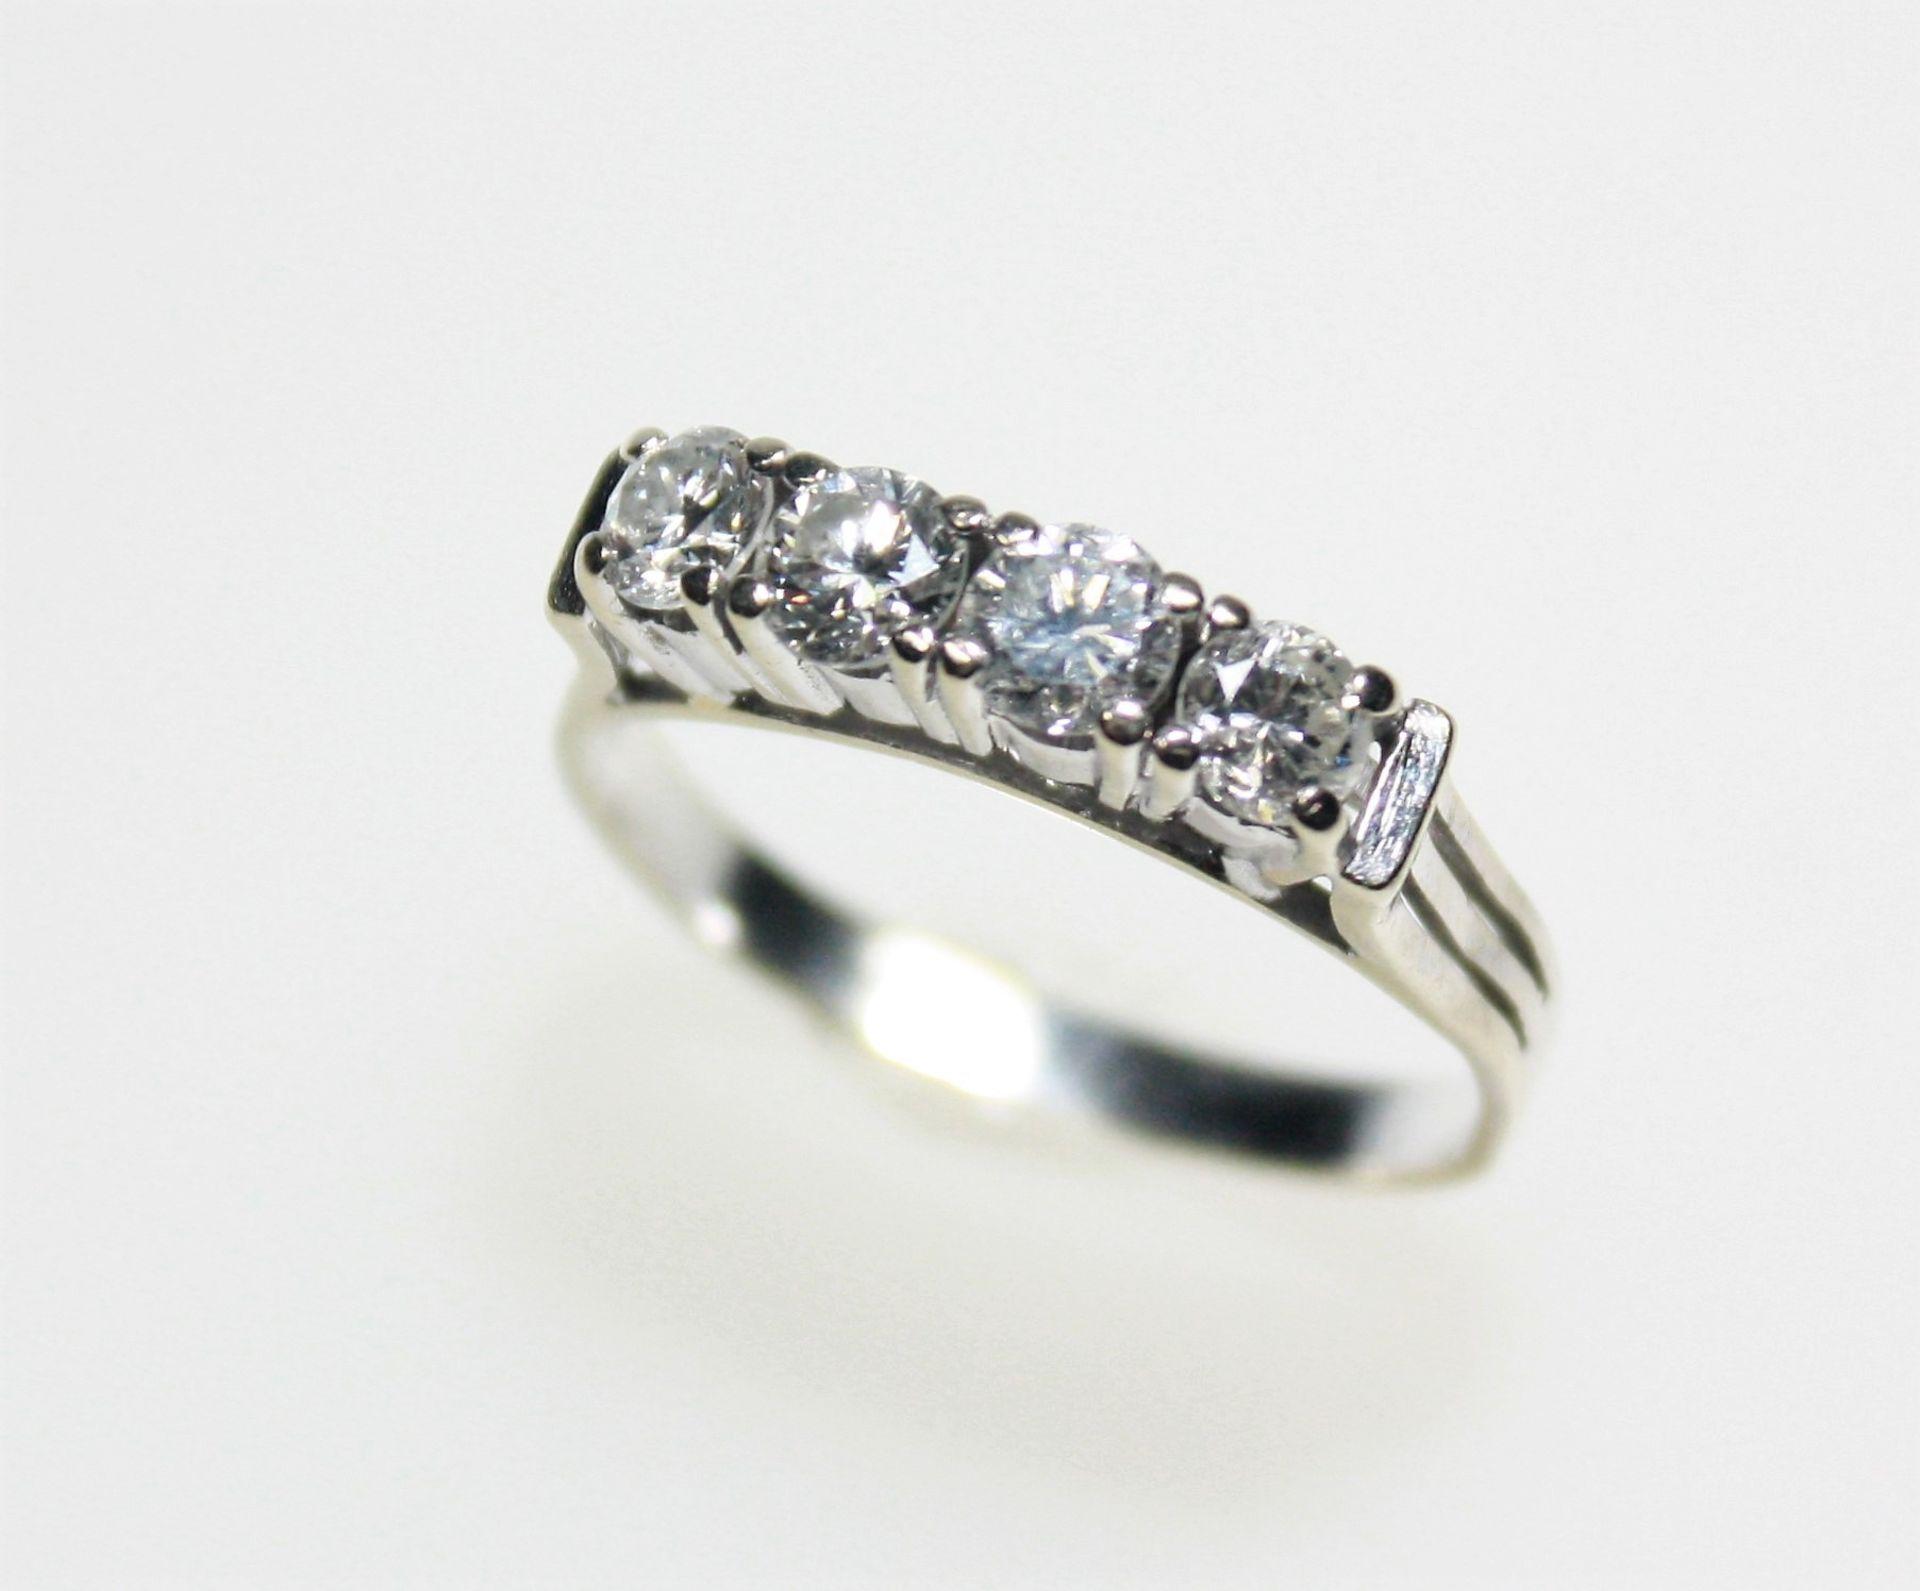 Weißgoldener Vorsteckring 585/f gest. mit vier Diamanten in Brillant schliff zus. ca. 0,85 ct in